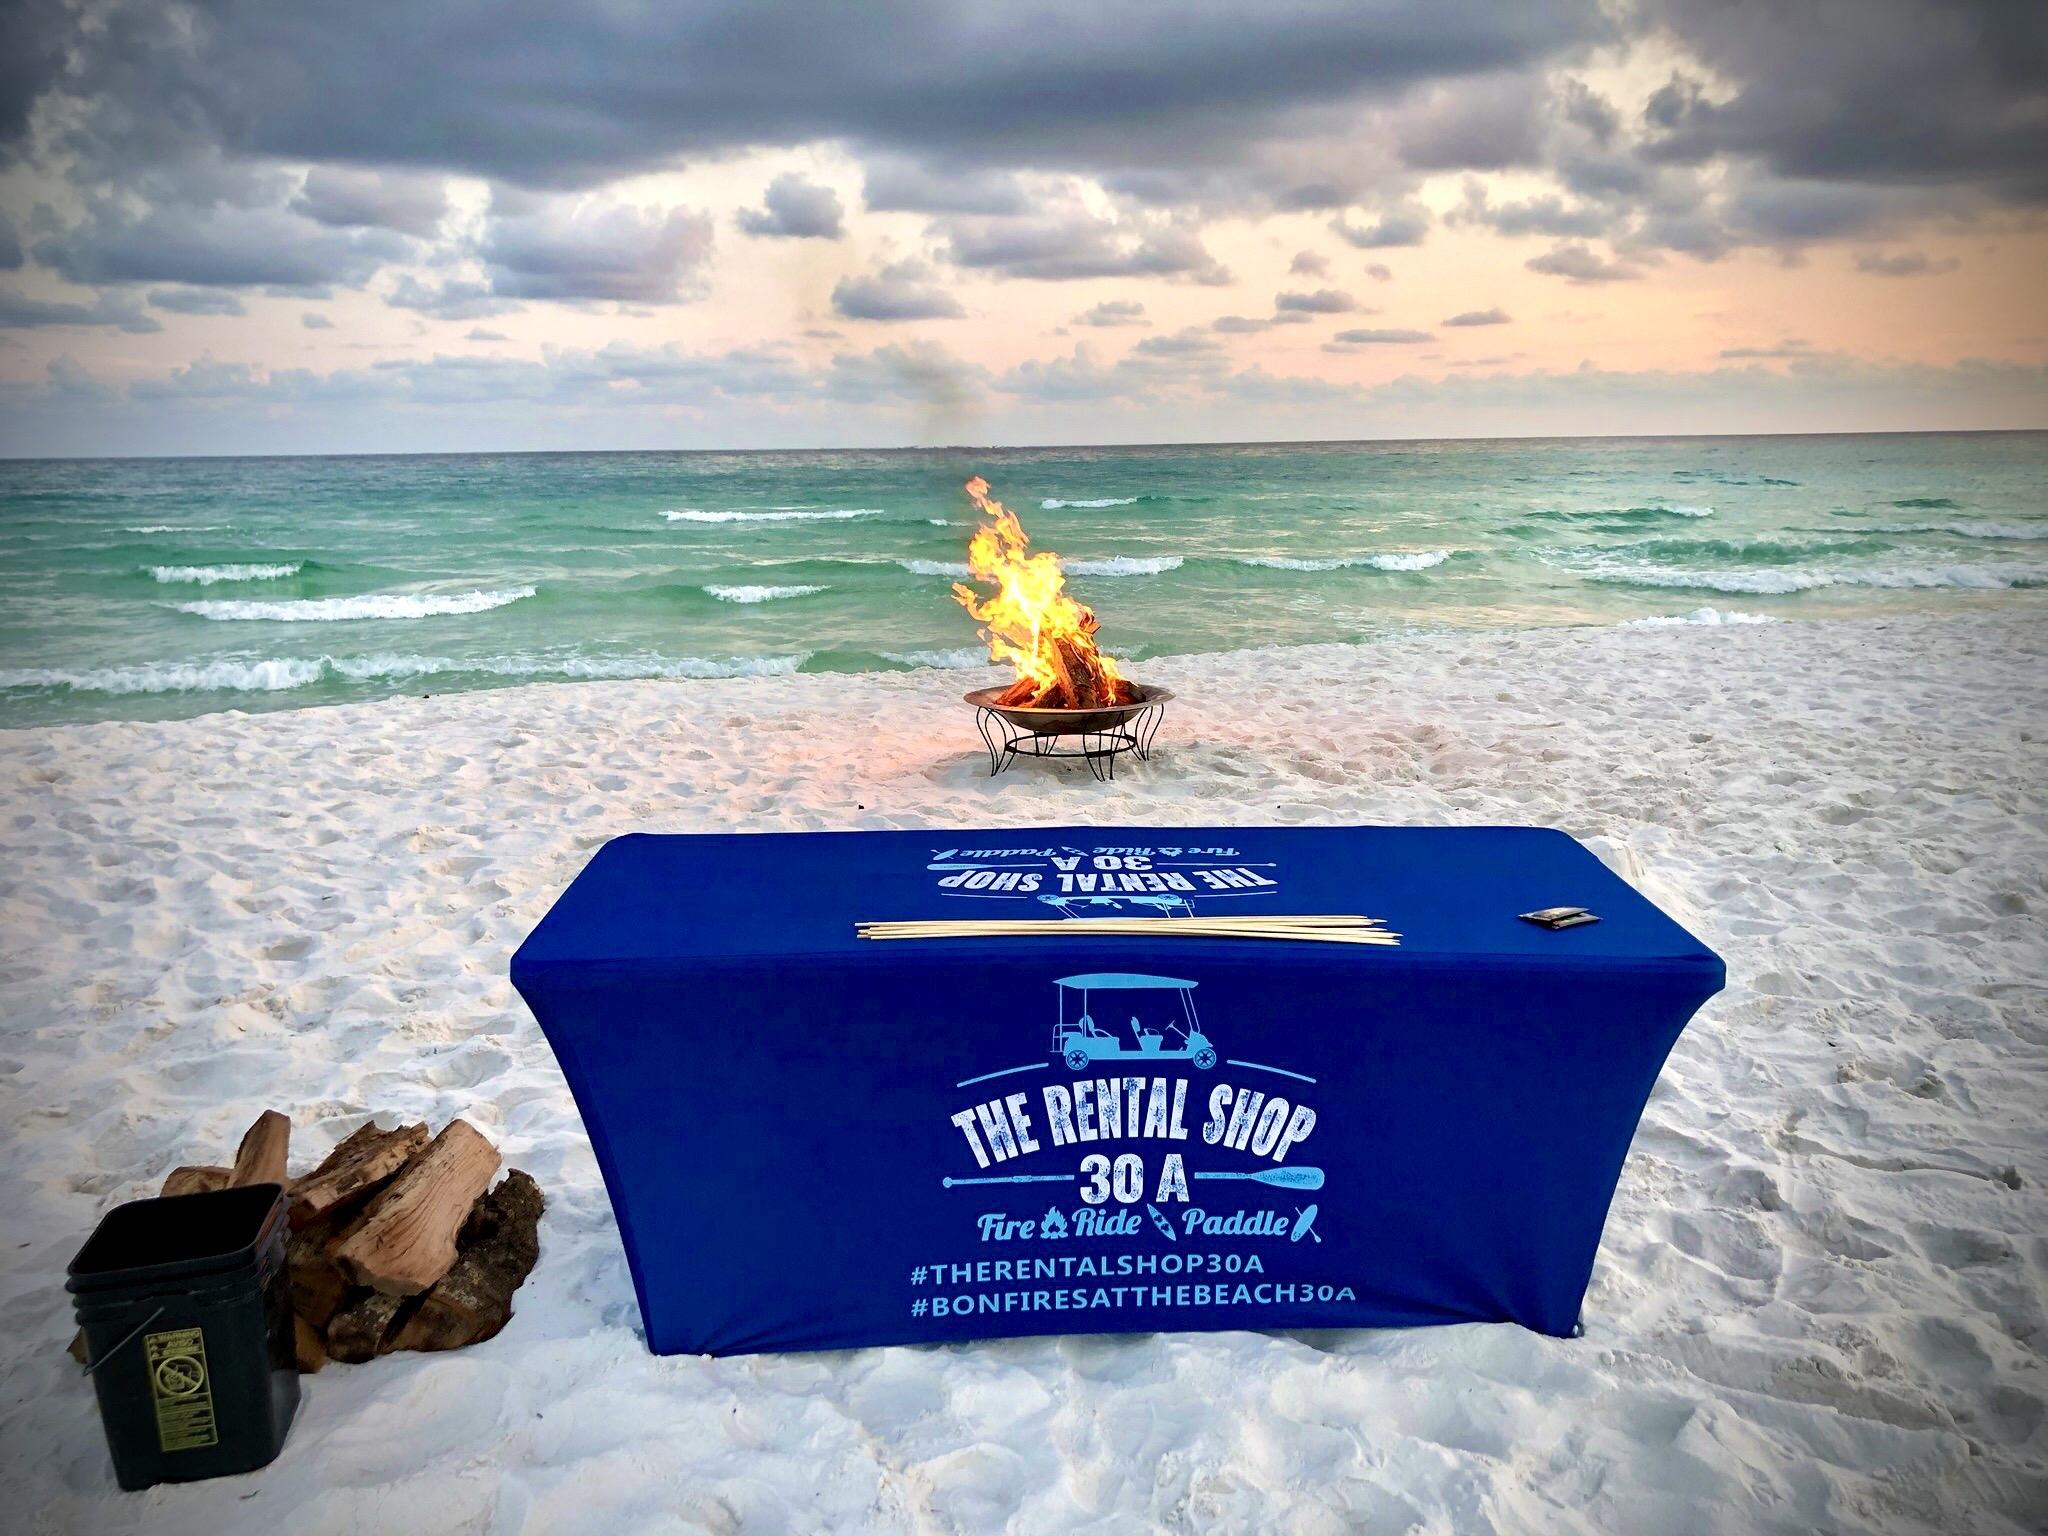 30A Beach bonfires in Santa Rosa Beach Florida by The Rental Shop 30A